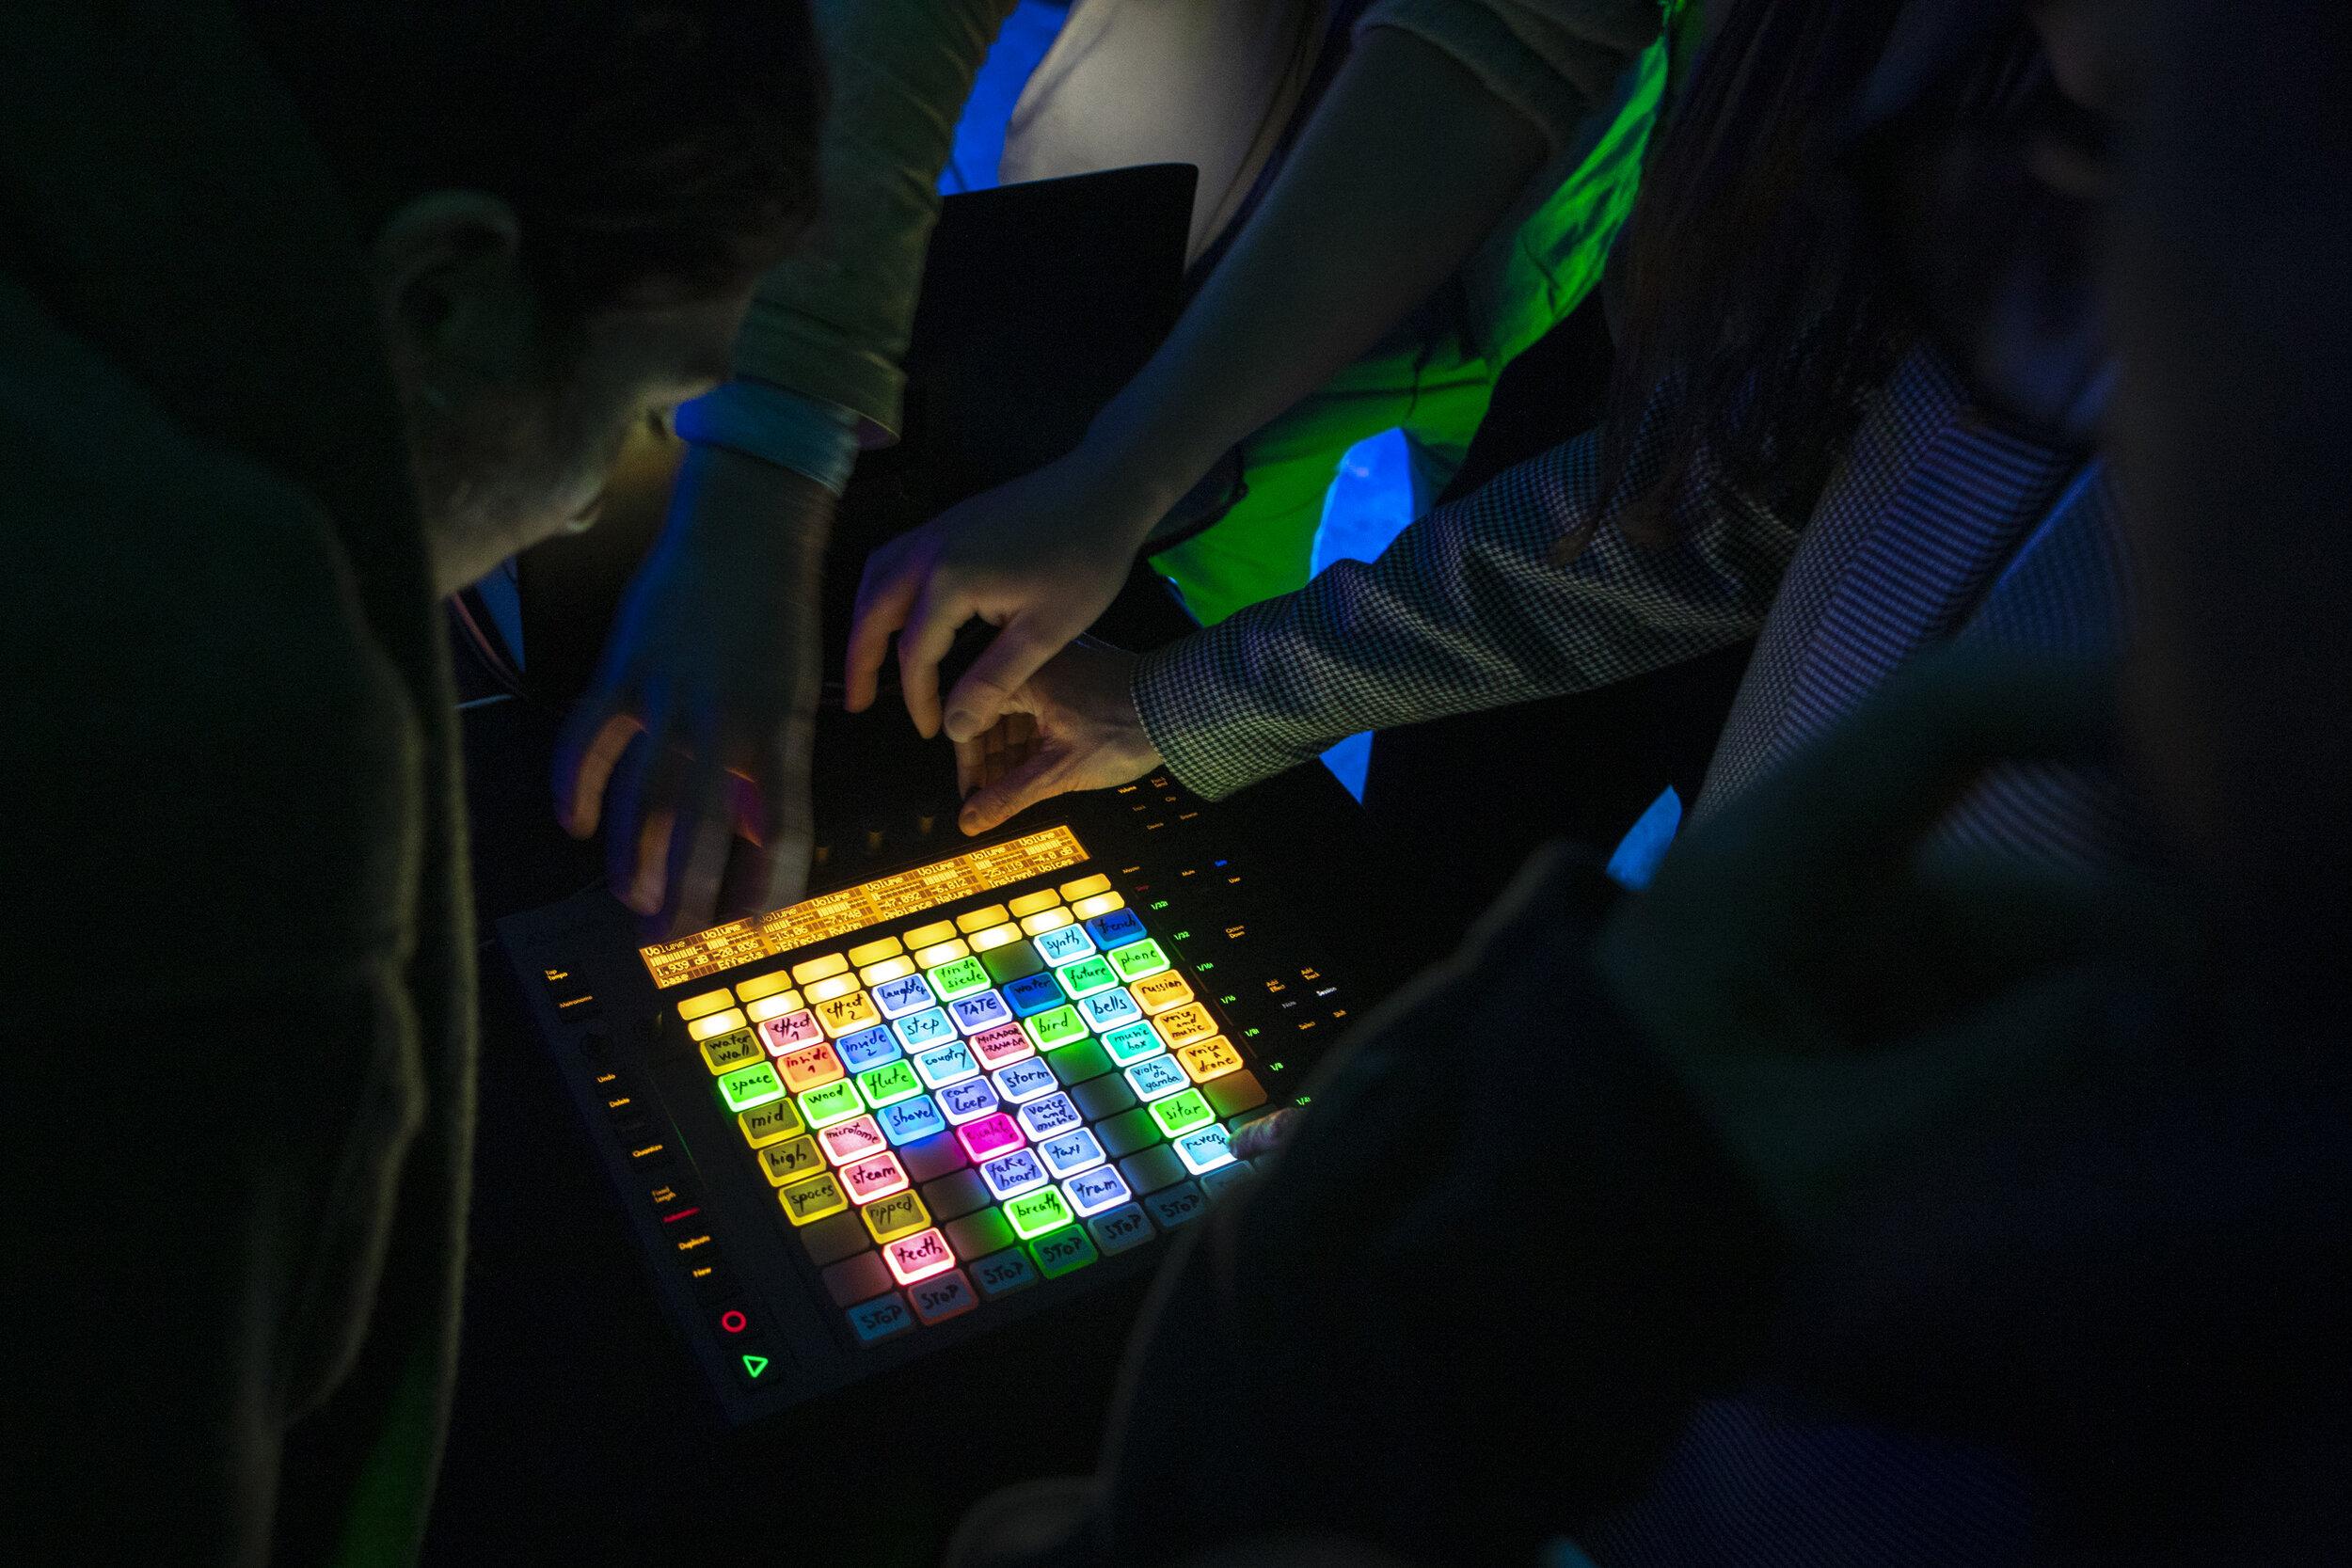 Play with me! - Participatory live performance @ La Senne, BrusselsApril 2019